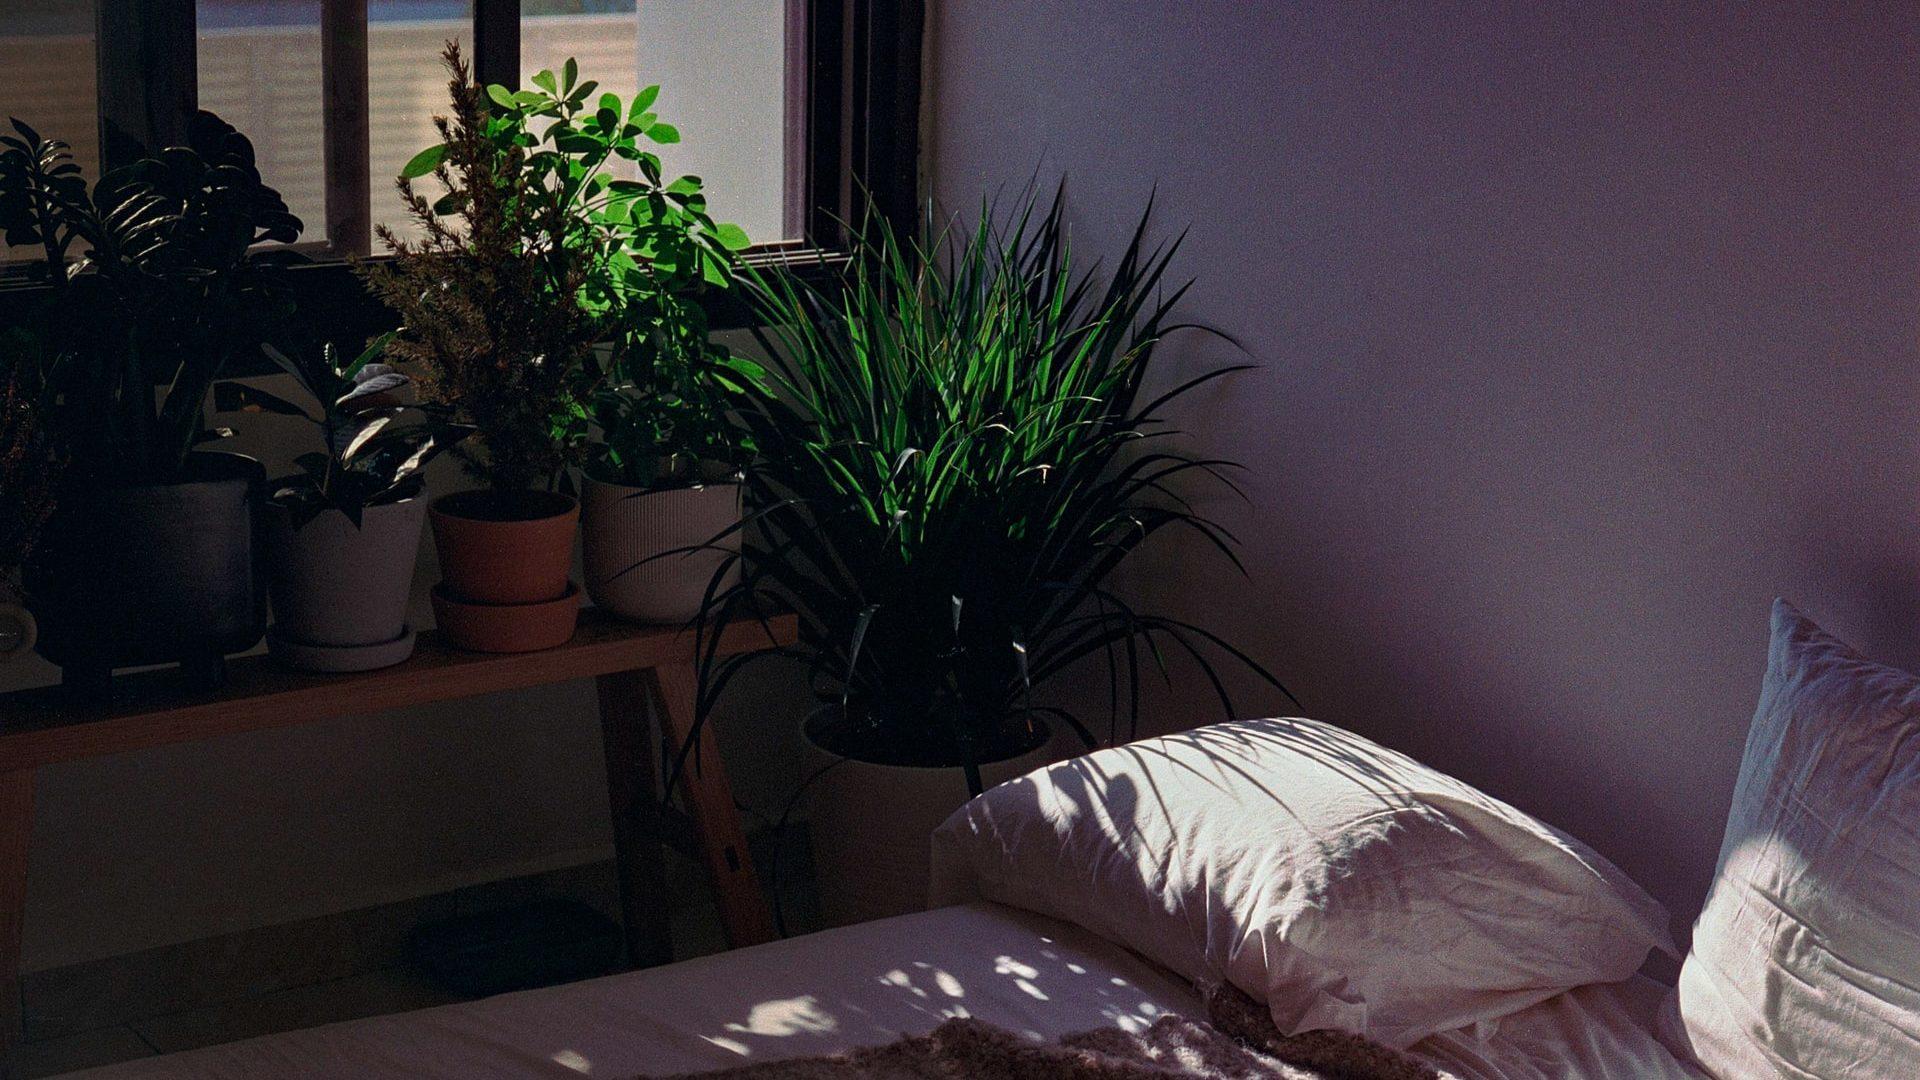 Planten op bankje bij raam en bed, vooraanzicht